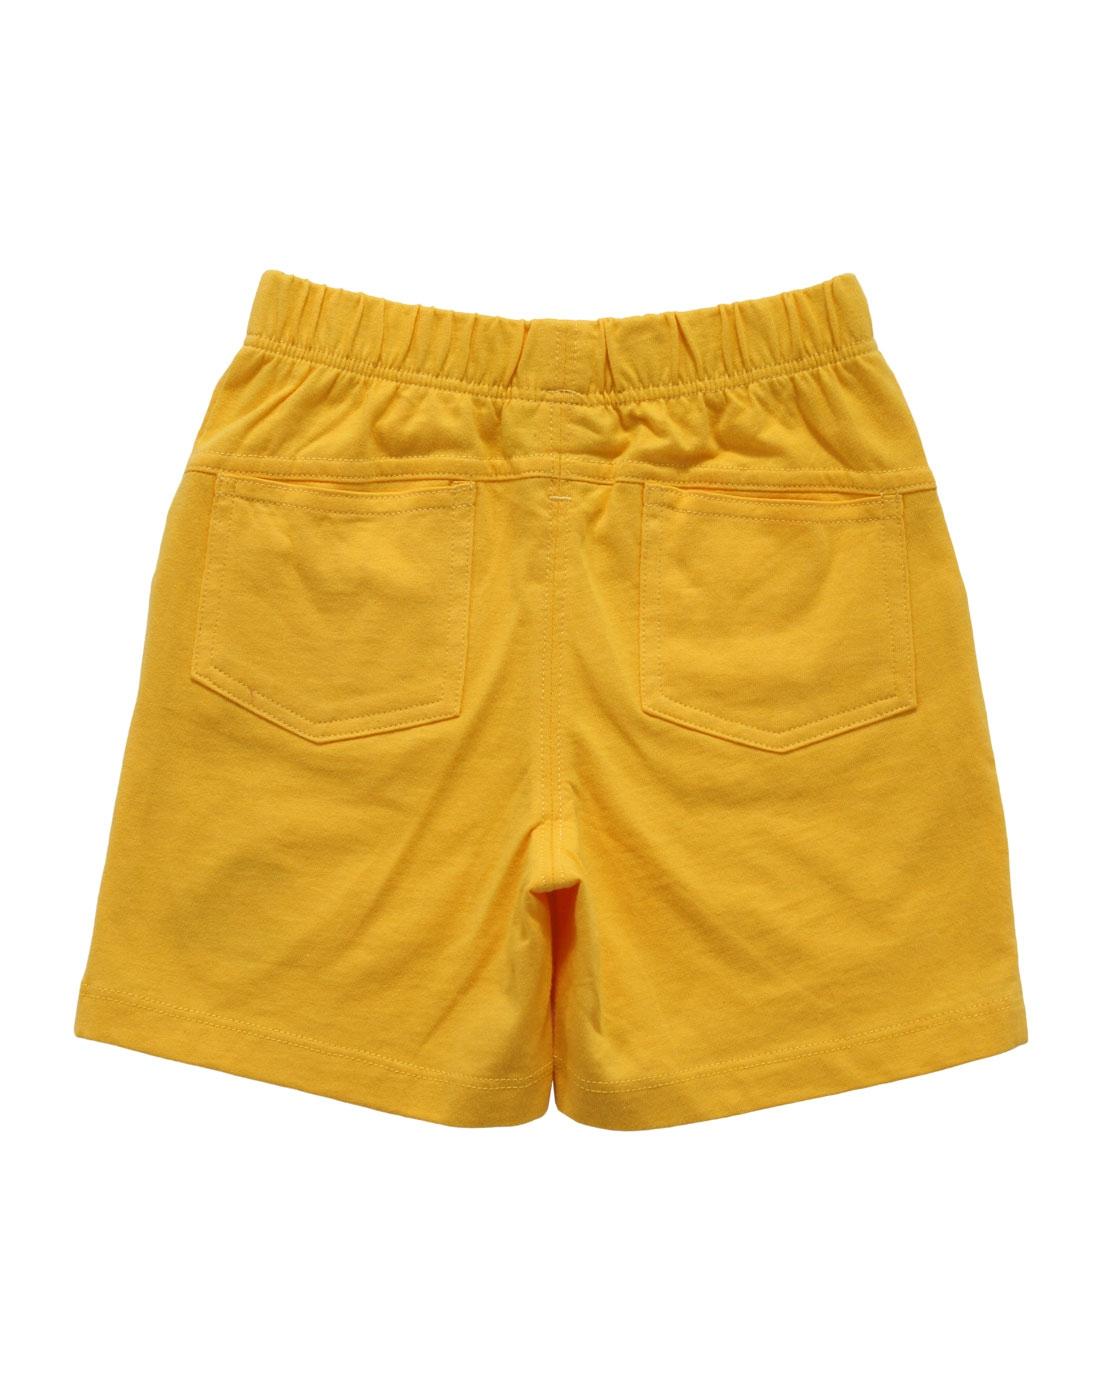 男童老黄色卡通短裤